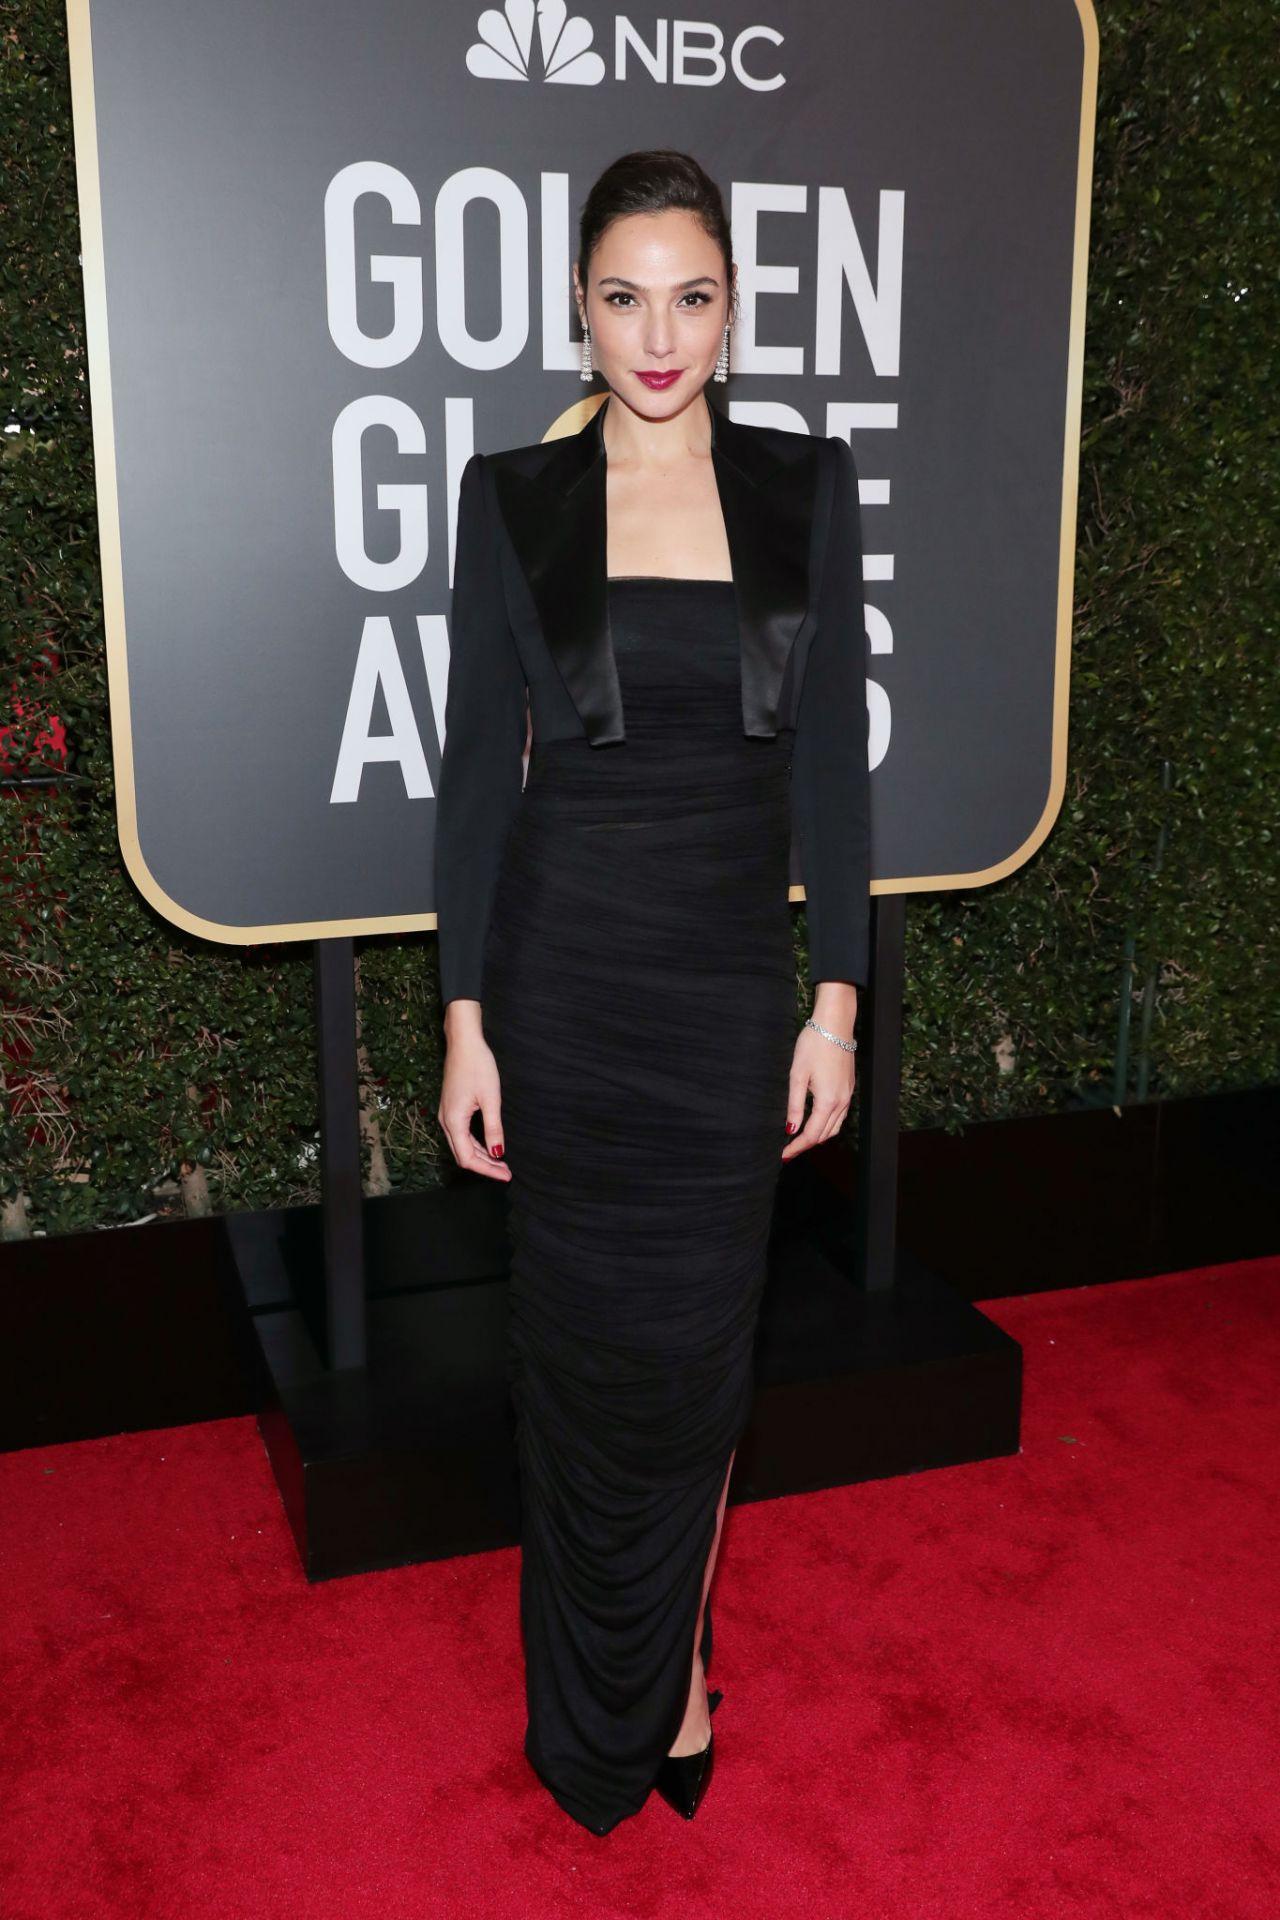 http://celebmafia.com/wp-content/uploads/2018/01/gal-gadot-golden-globe-awards-2018-9.jpg